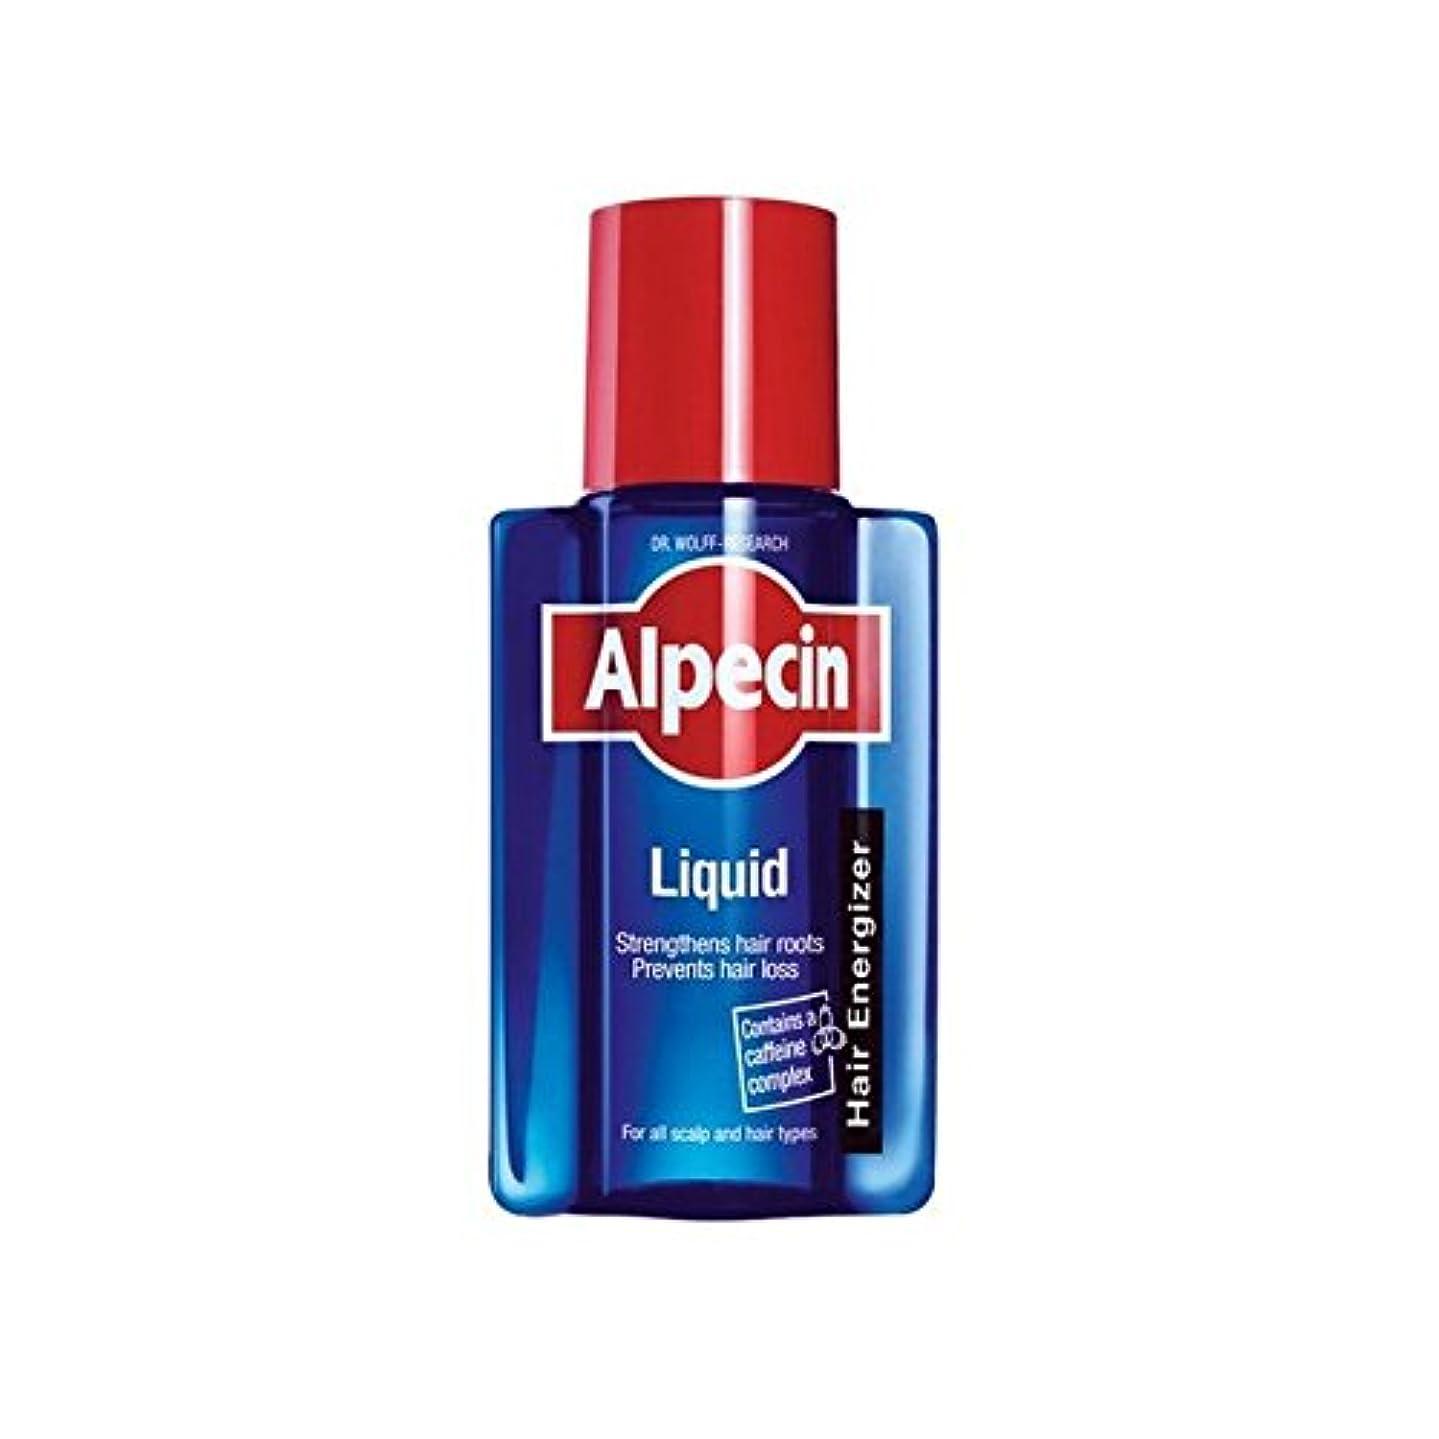 権利を与える寄託飲み込む液体(200)中 x4 - Alpecin Liquid (200ml) (Pack of 4) [並行輸入品]